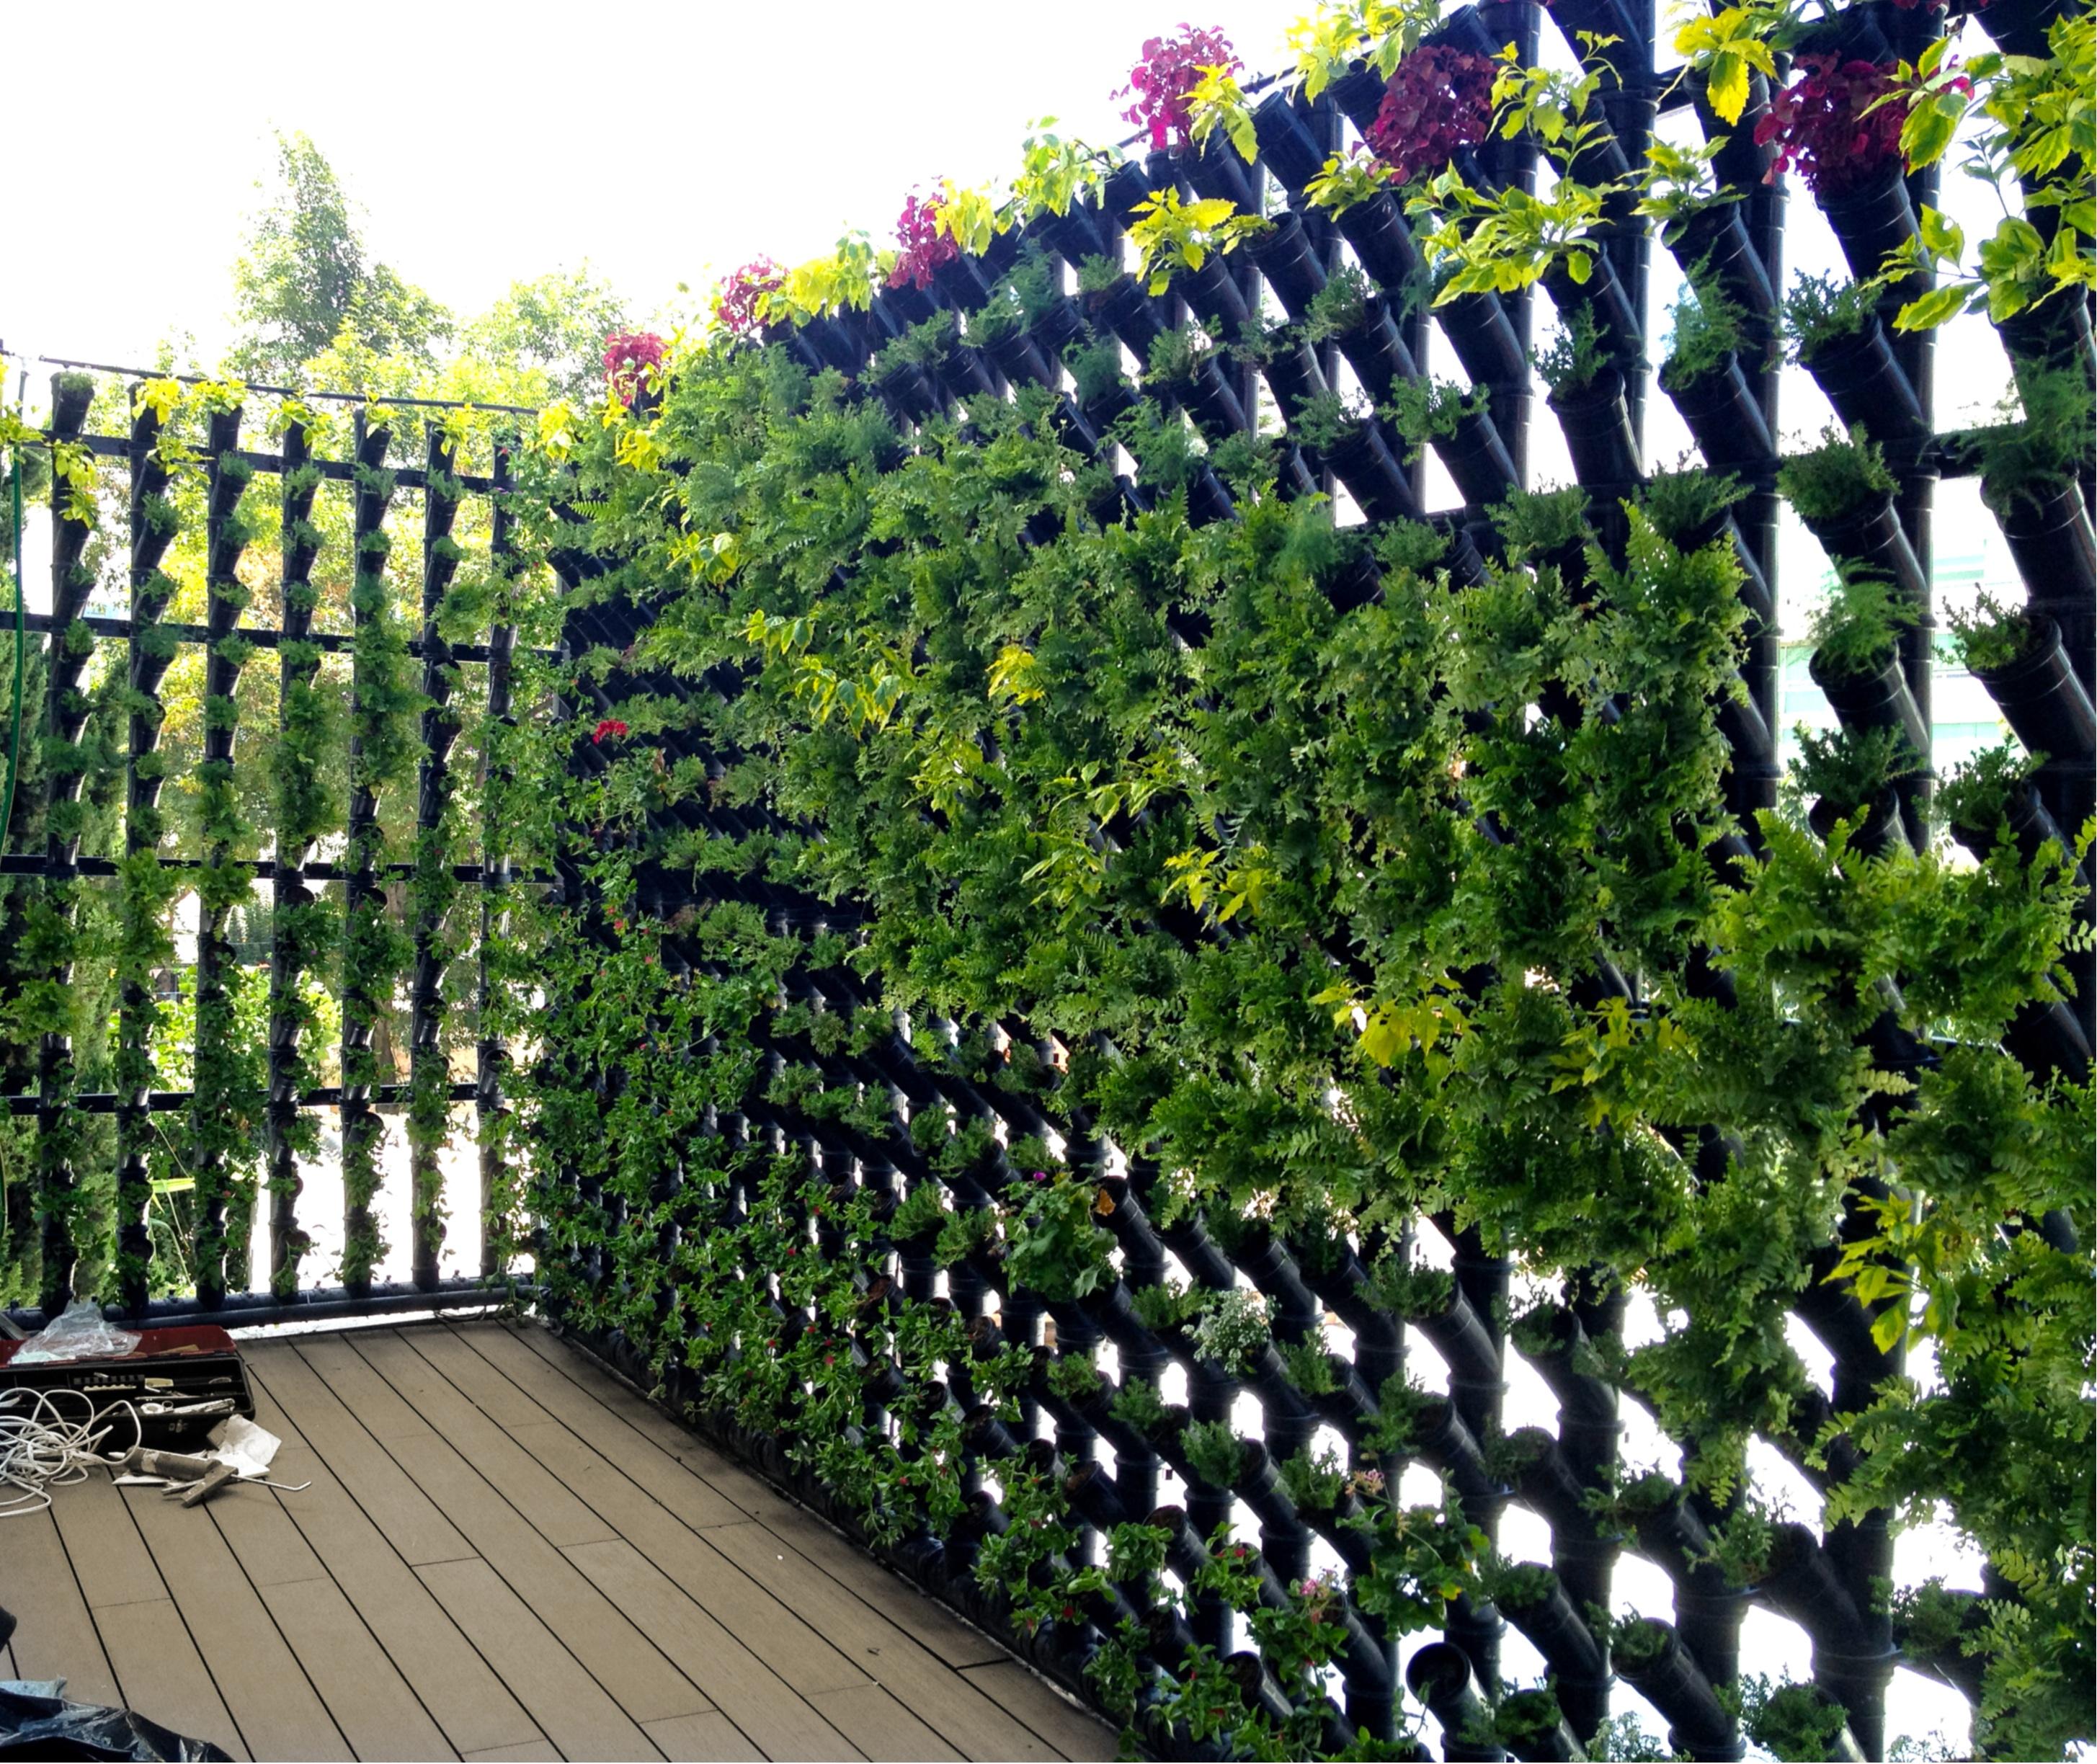 m dulos para muro verde cultivo y decorativo 92cm base x